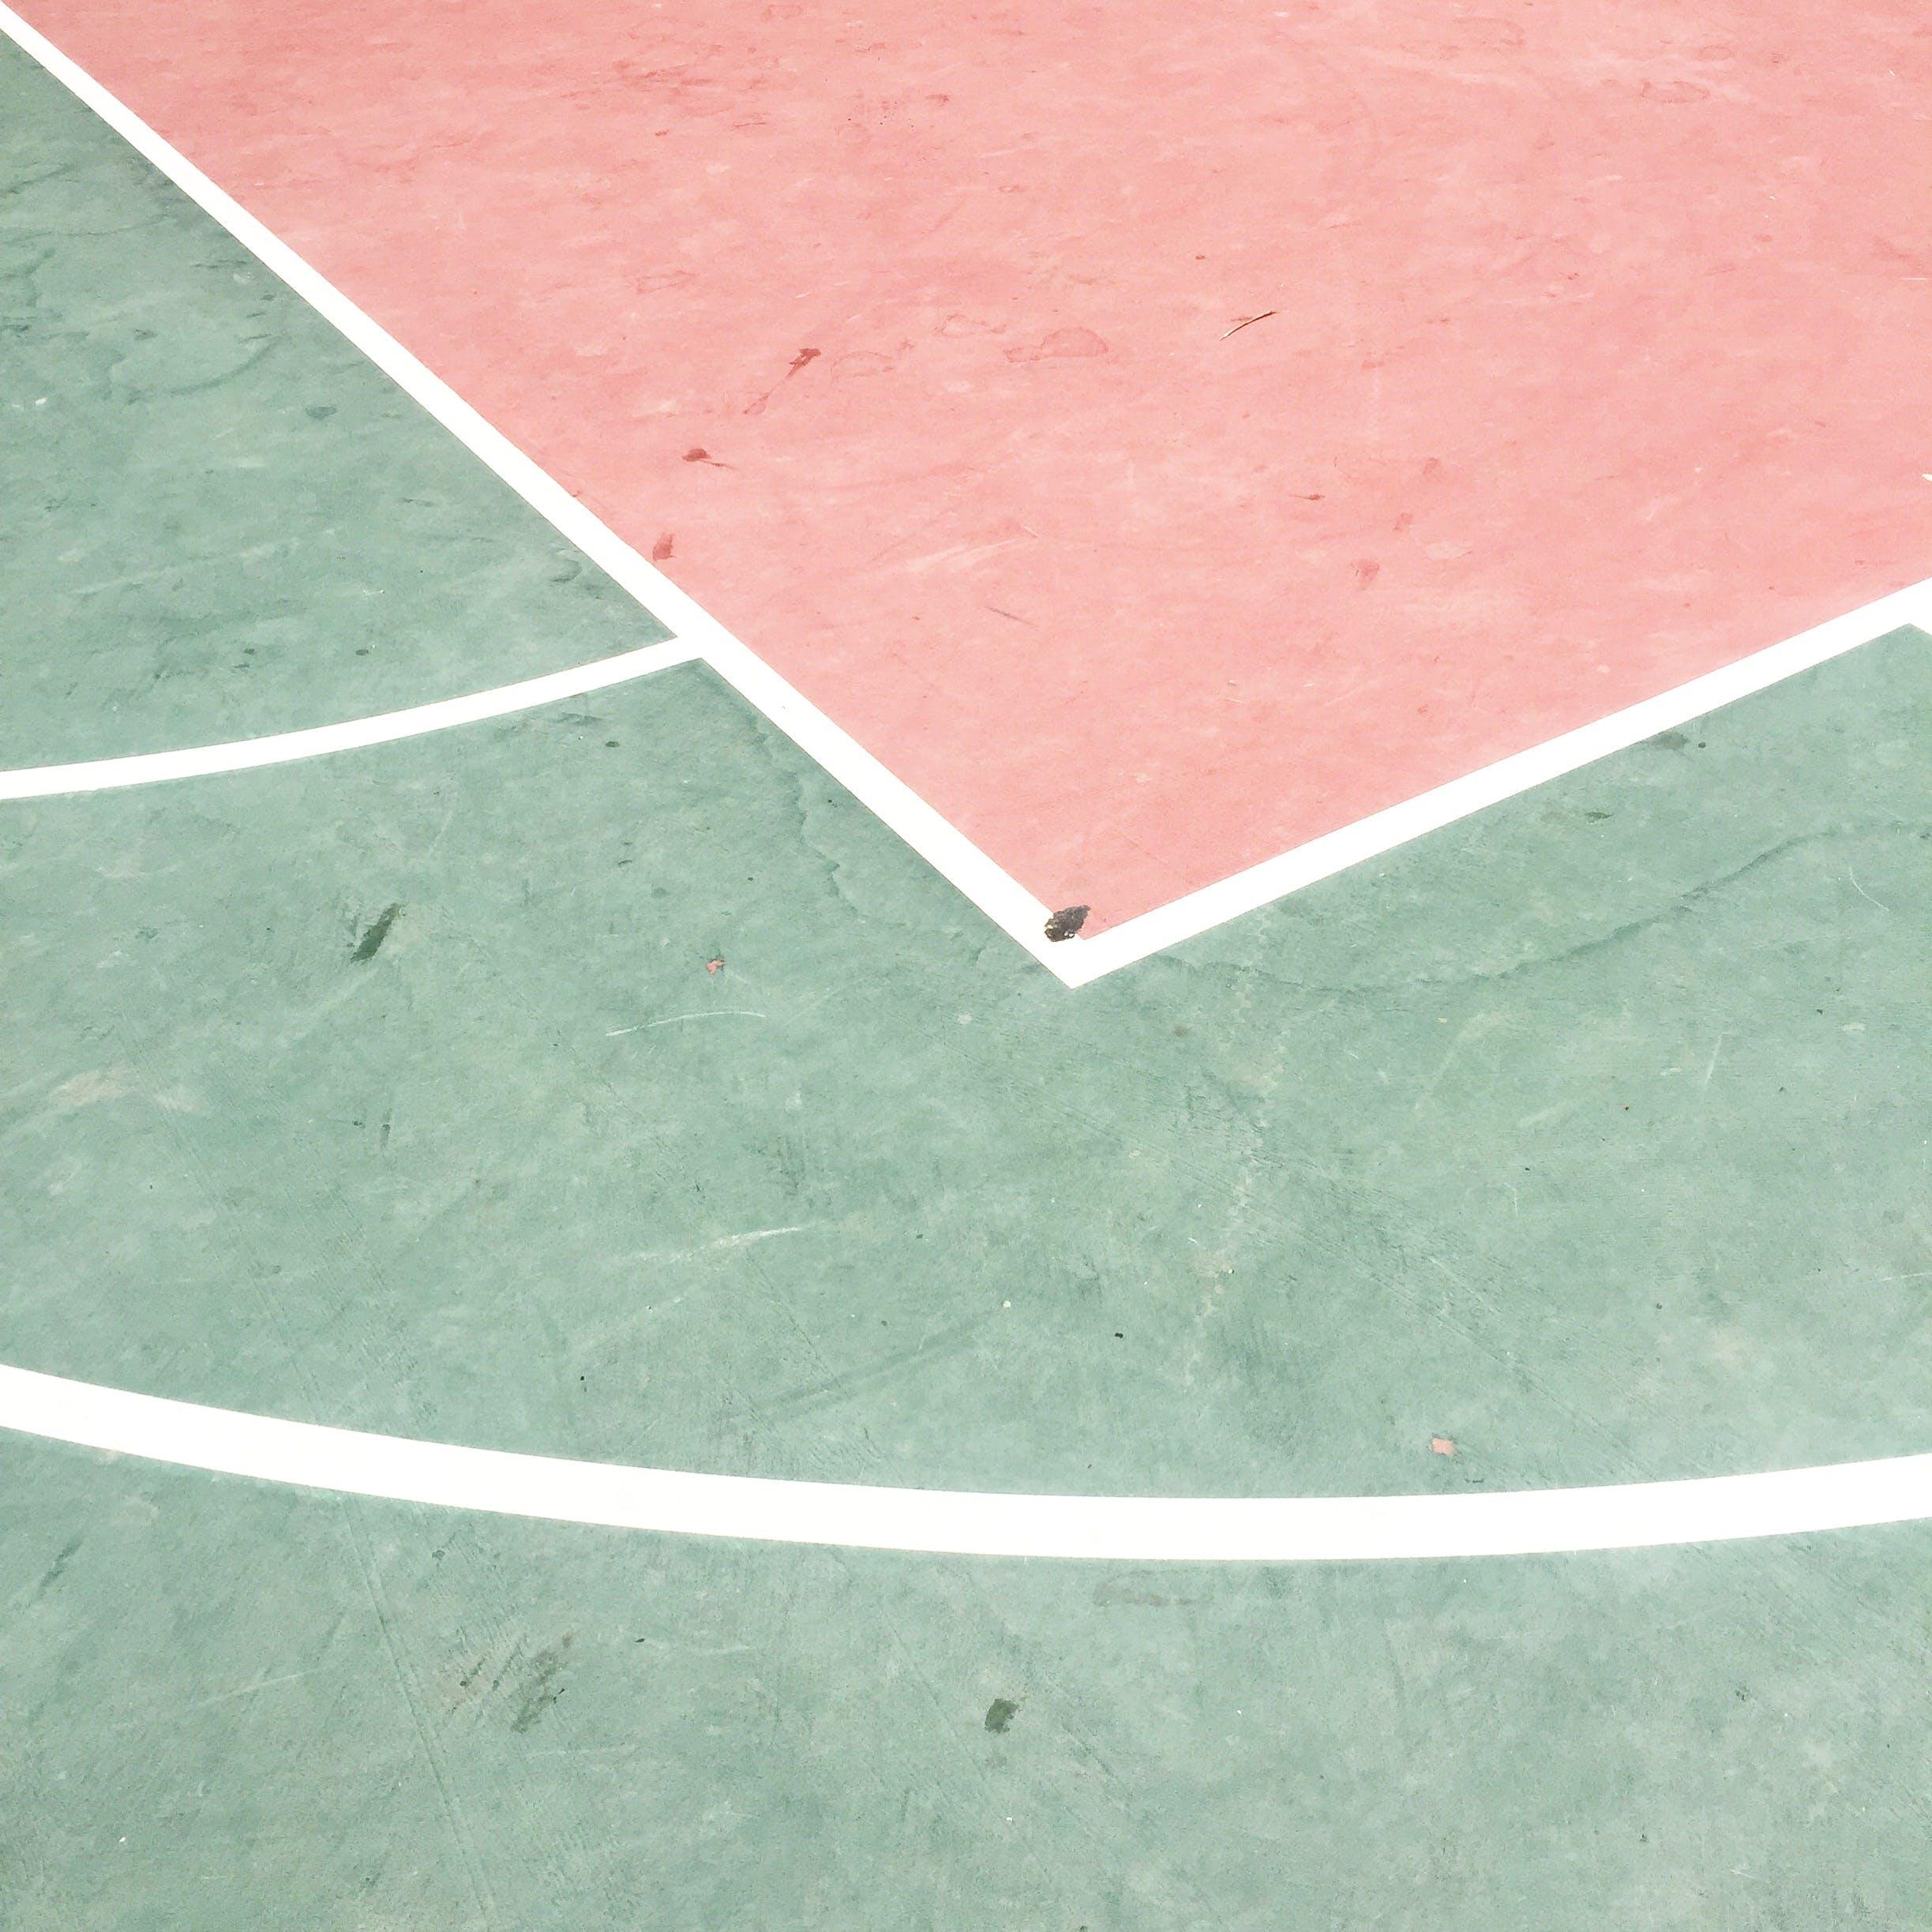 court, ground, tennis